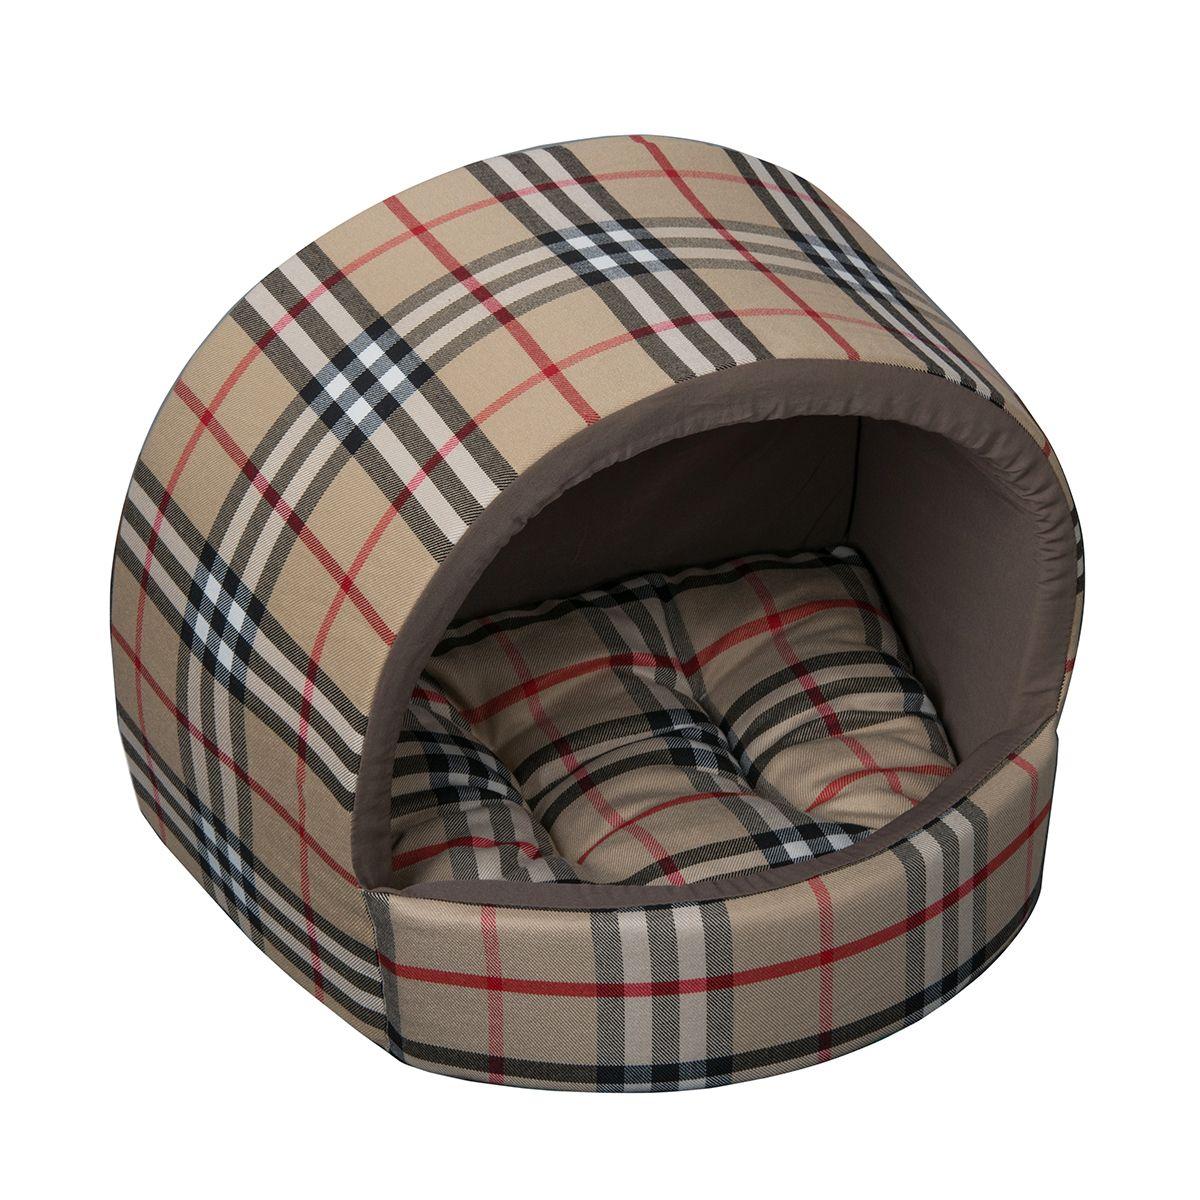 Домик Dogmoda В клетку 34*30*28 смDM-090092-2Уютный домик для животных актуальной расцветки клетка, сдержанный и практичный.